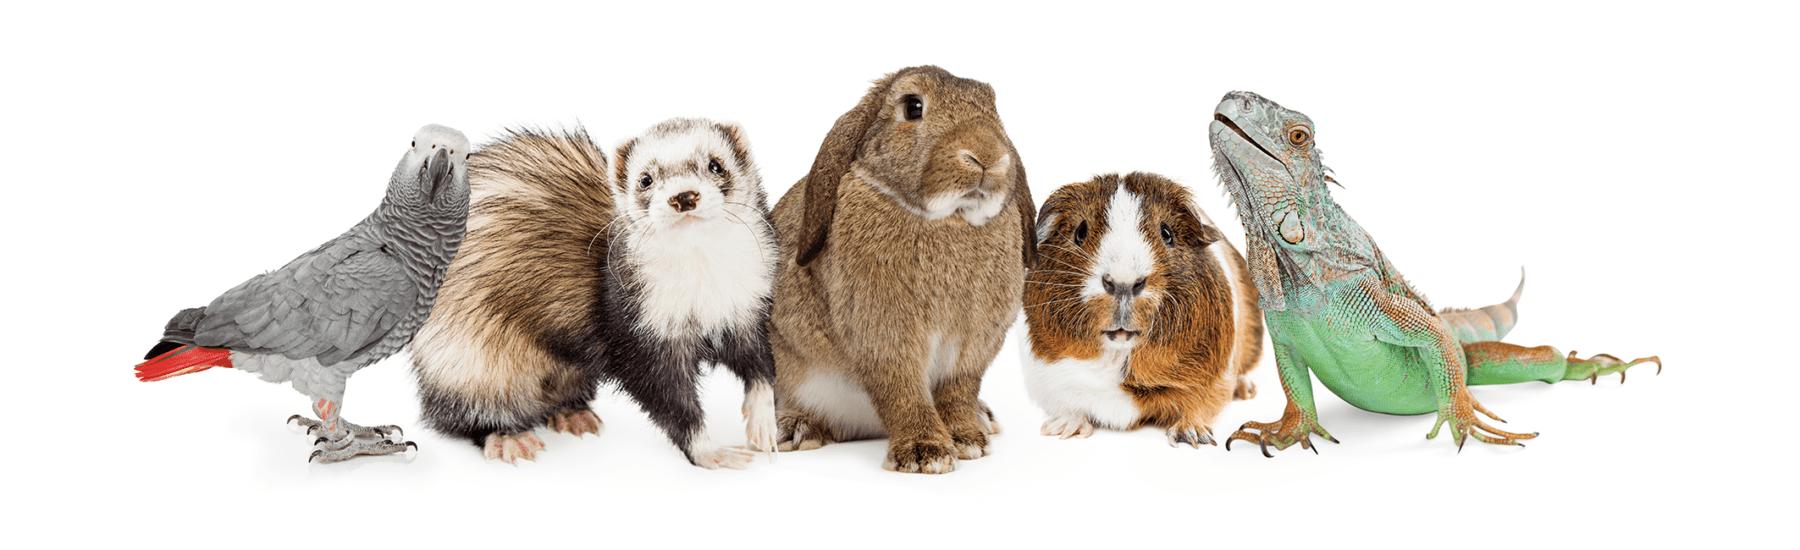 A parrot, ferret, rabbit, guinea pig, and lizard